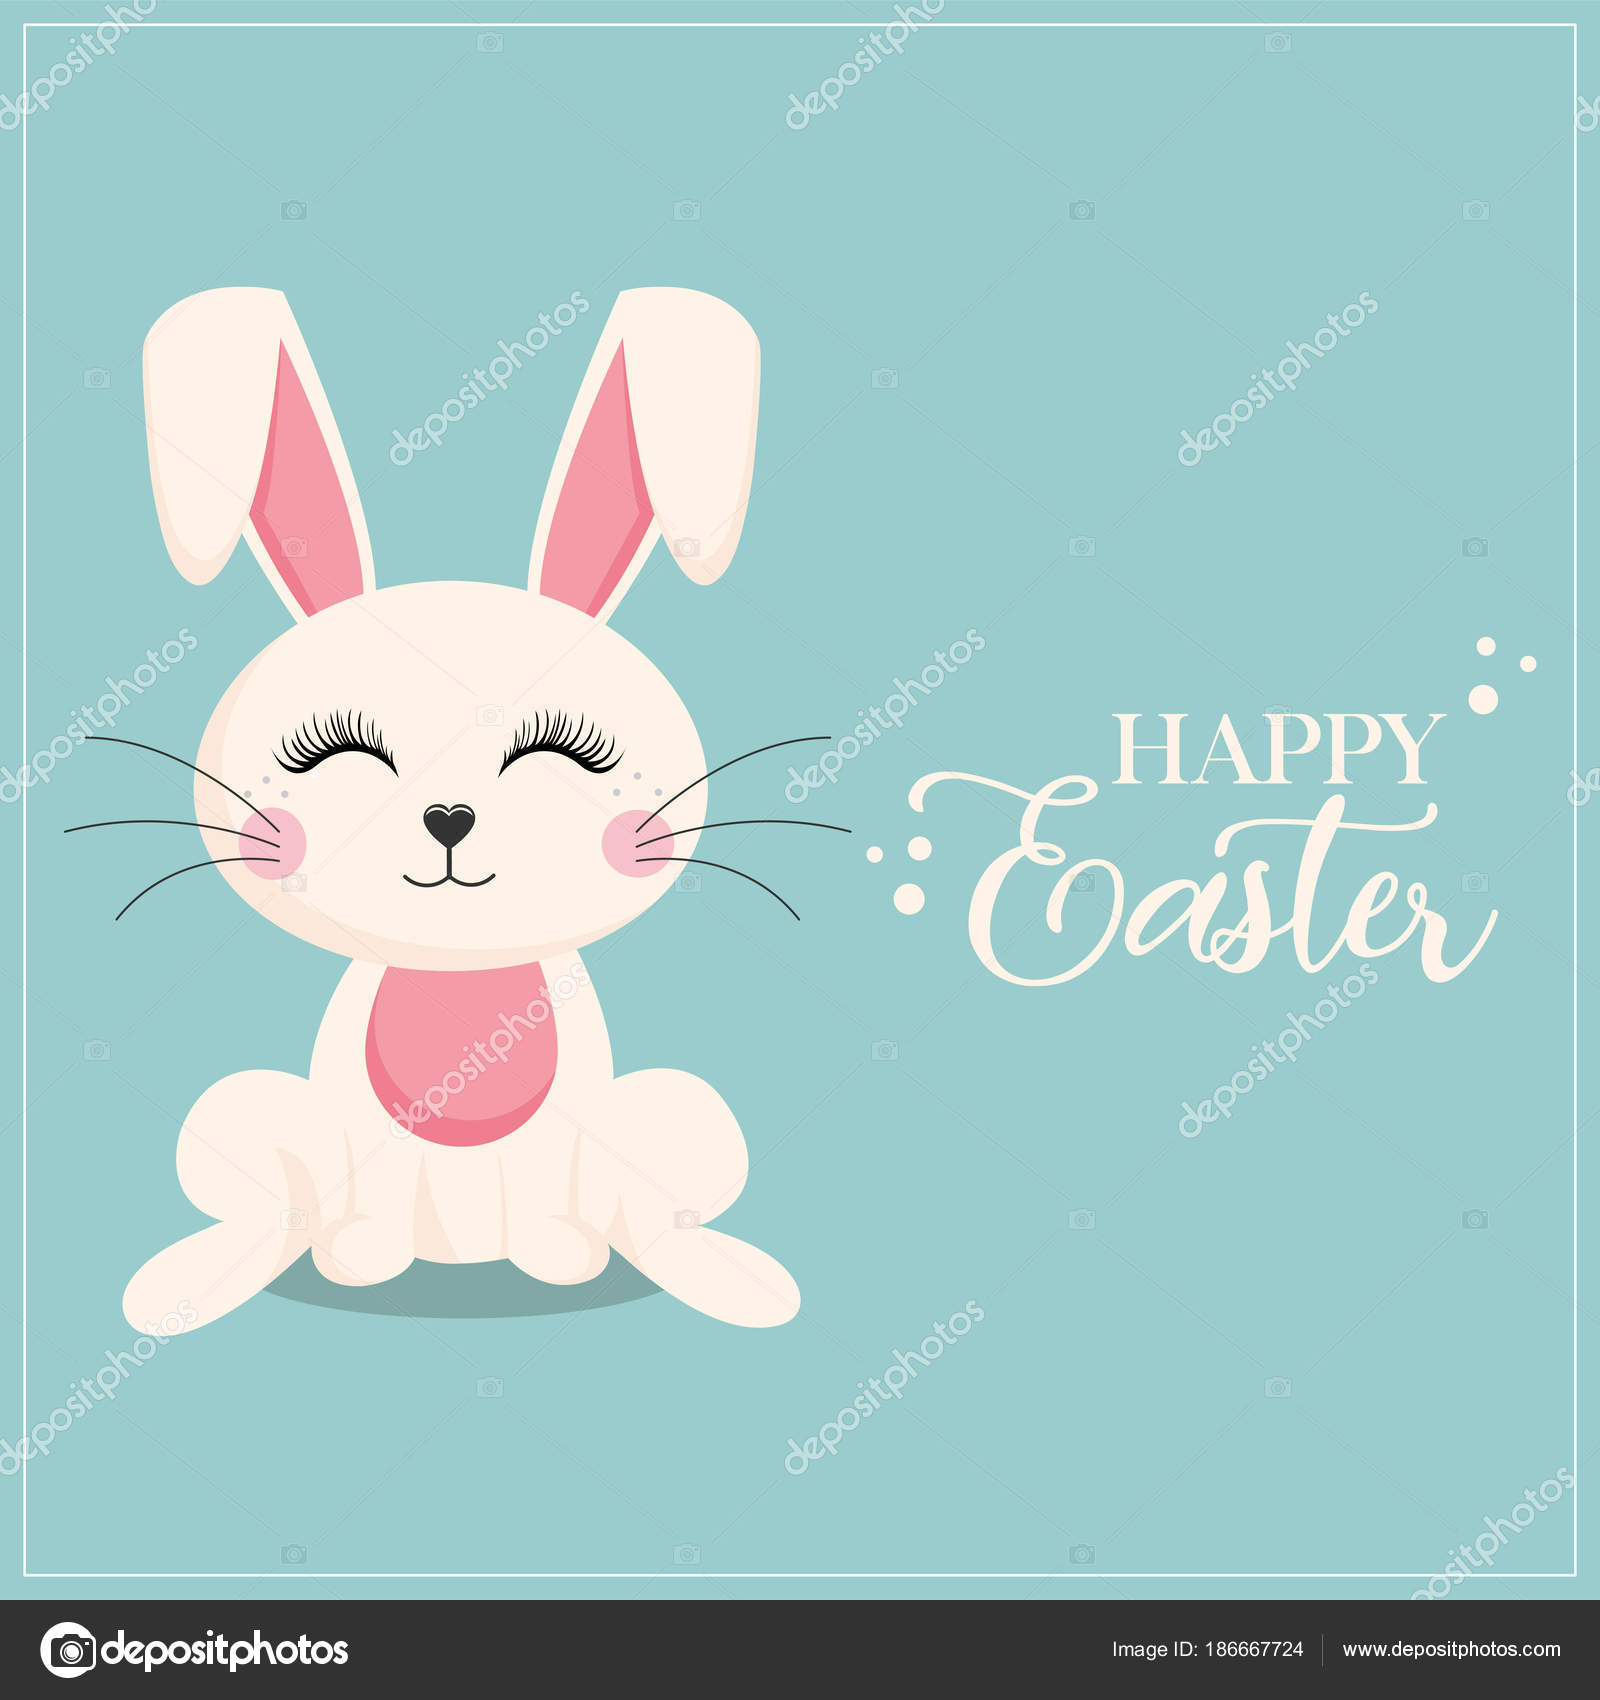 Lustige Osterhasen Und Frohe Ostern Inschrift Auf Blauem Hintergrund